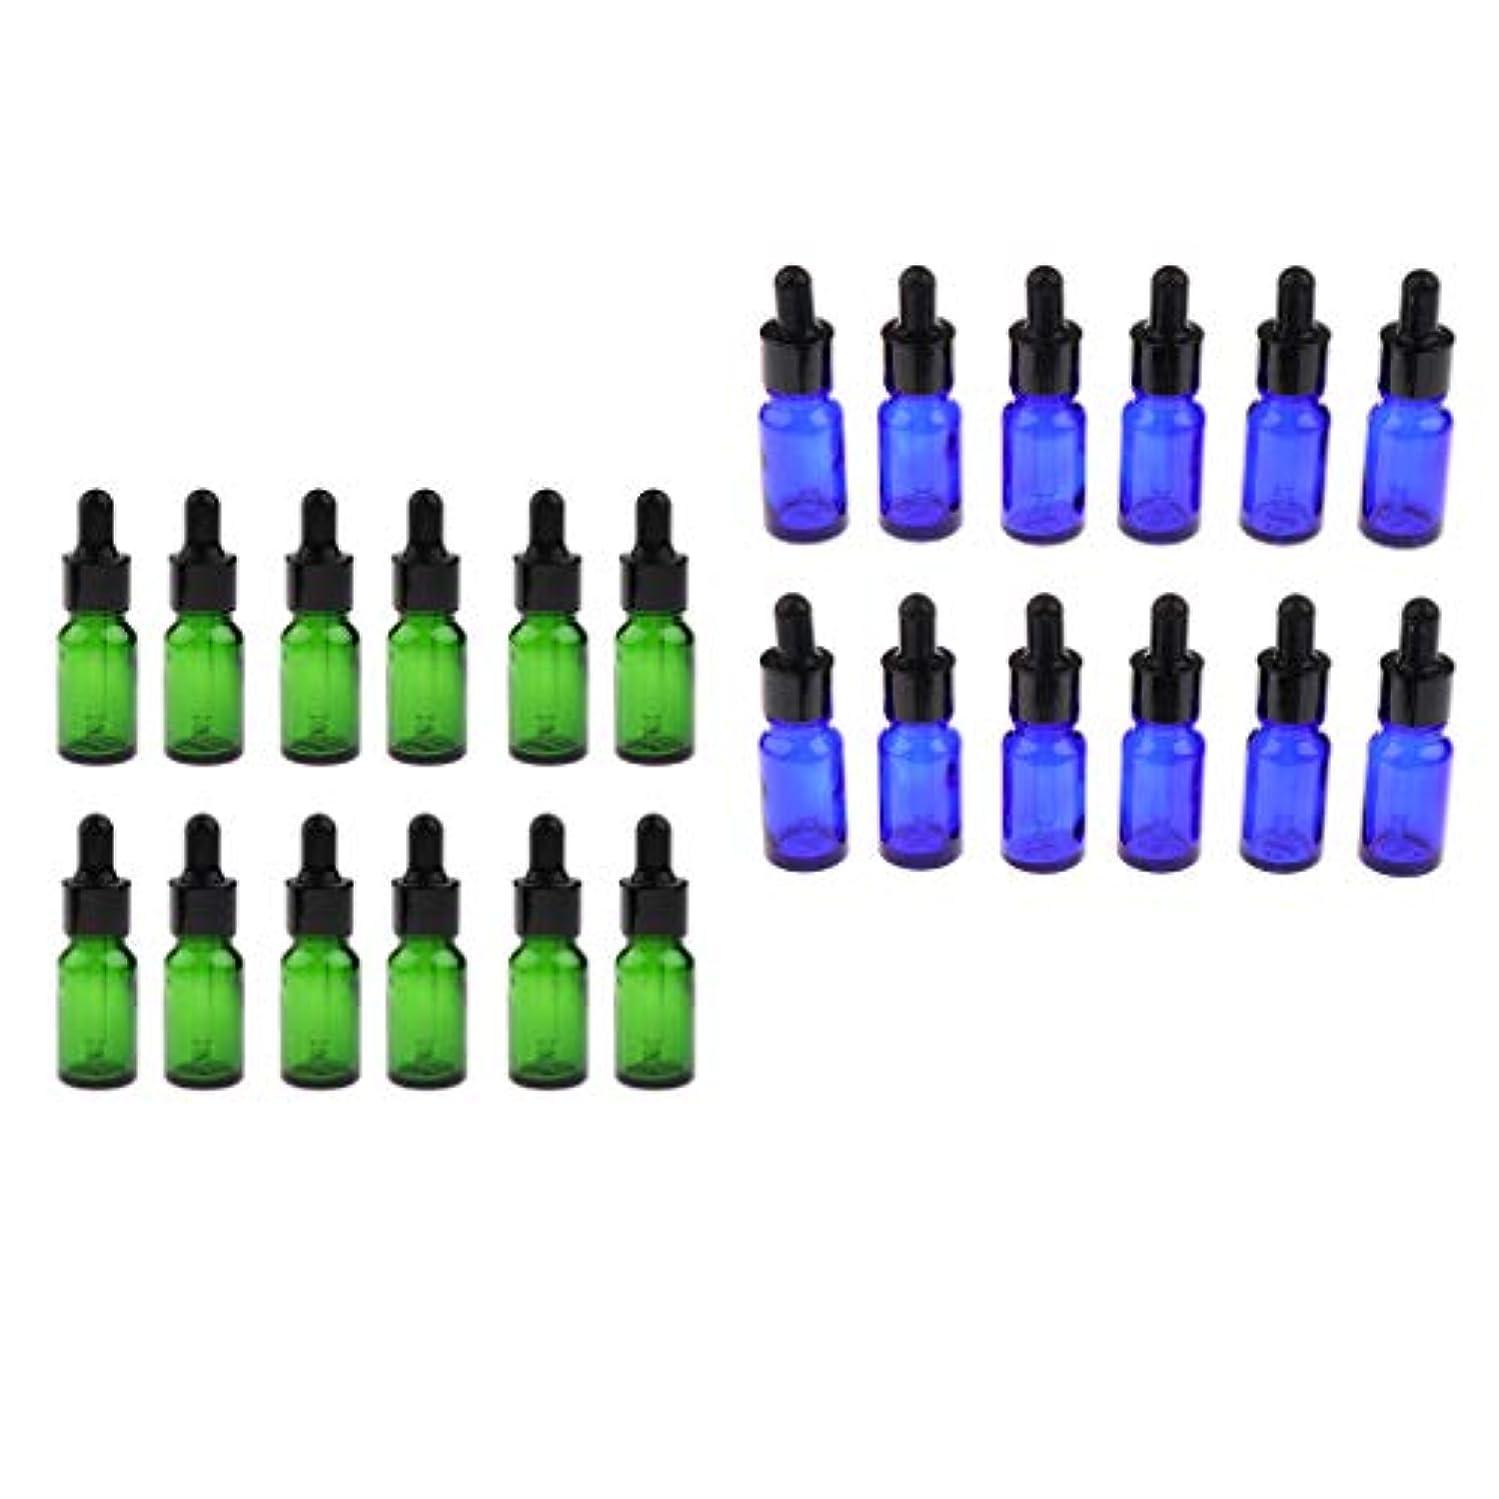 名詞コウモリ折IPOTCH 24個 アロマ 精油瓶 遮光ビン ドロッパーボトル ガラス瓶 小分け容器 緑 青 5/ 10ミリ